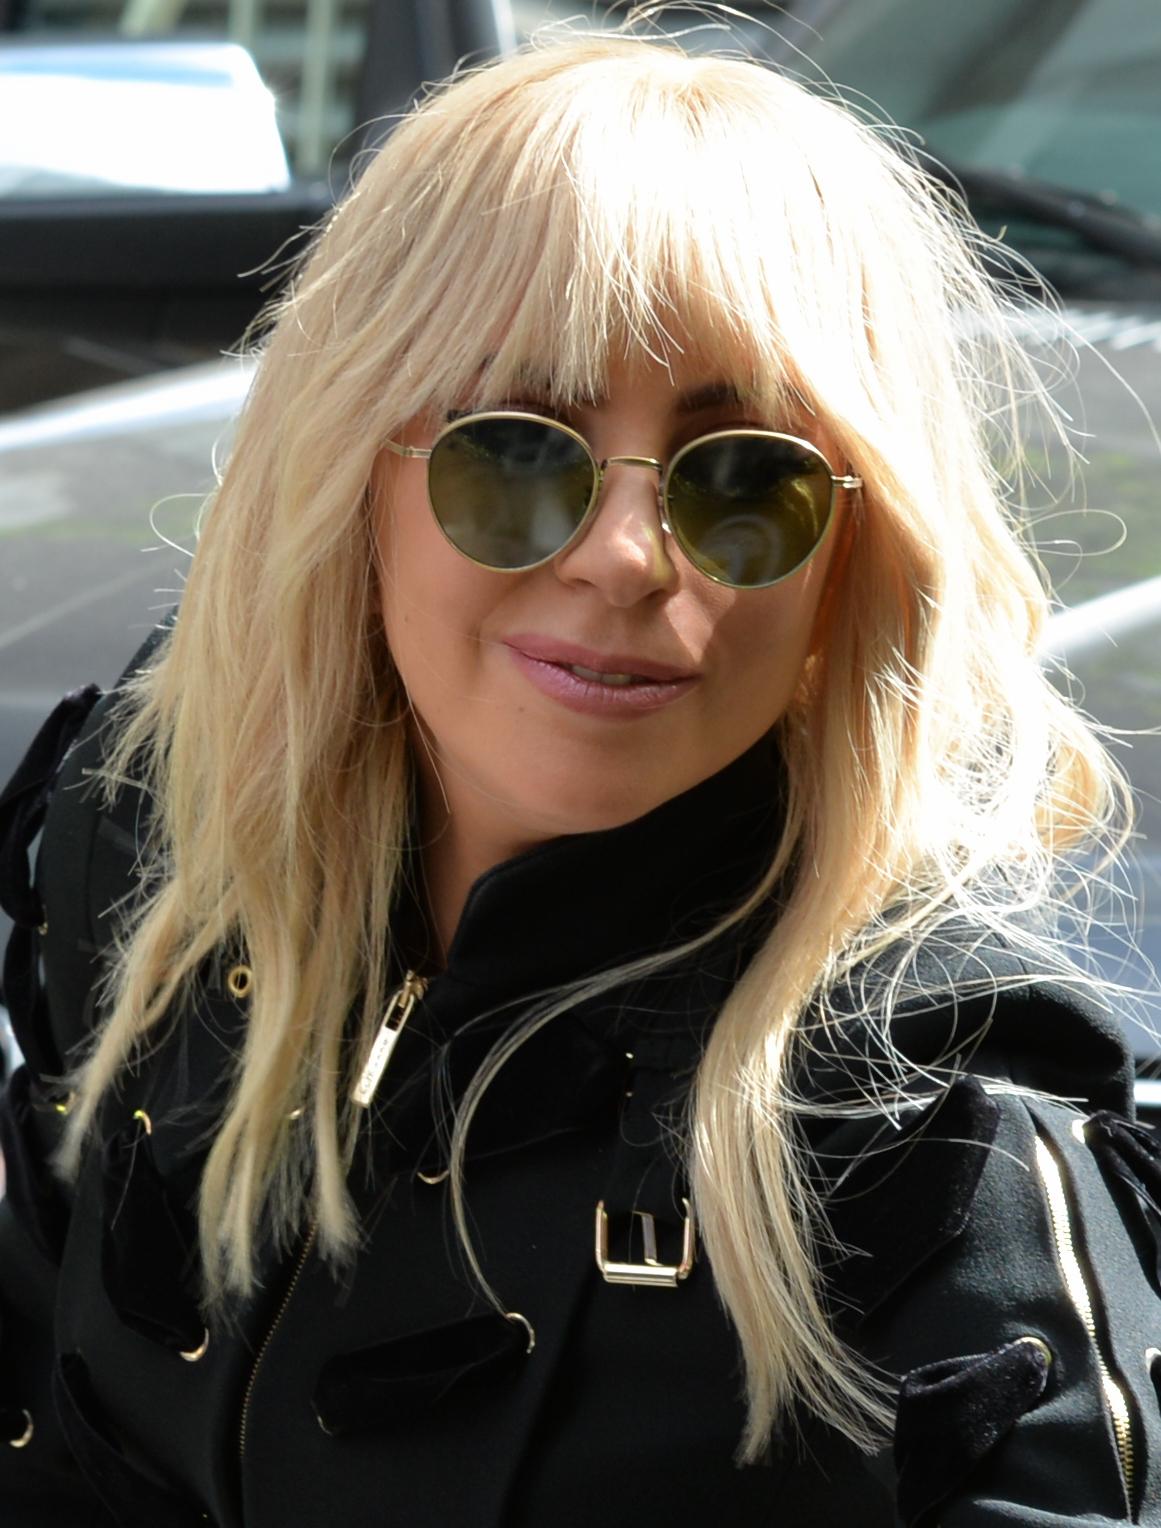 Lady Gaga Videography  Wikipedia